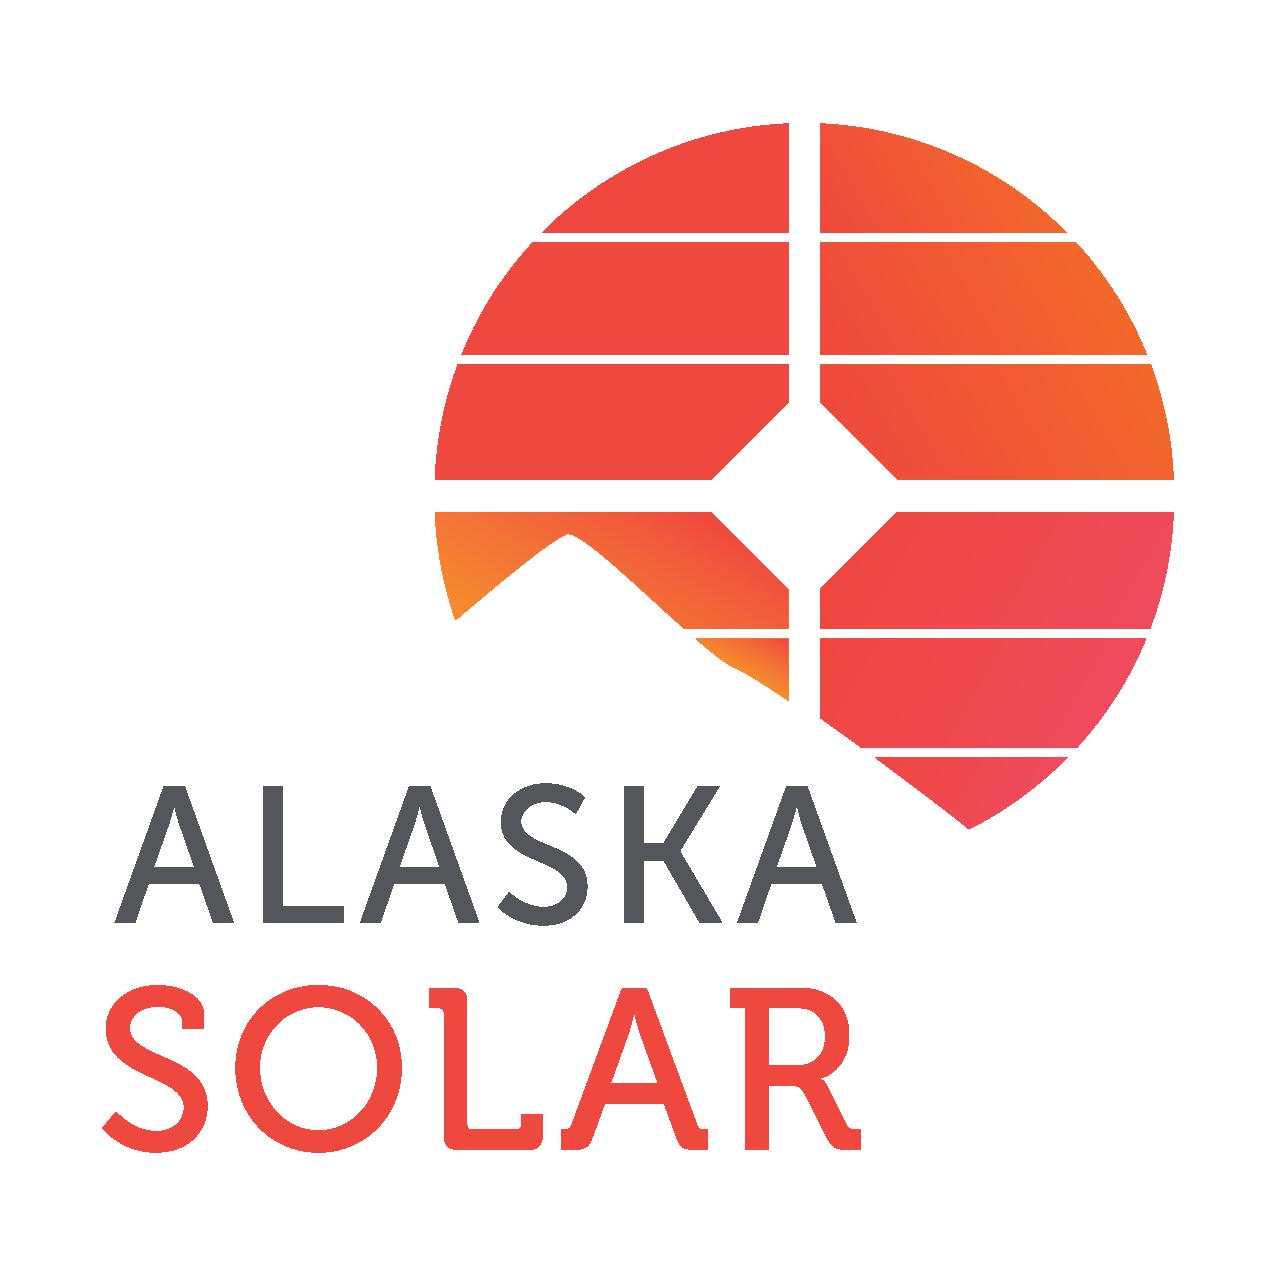 Alaska Solar logo